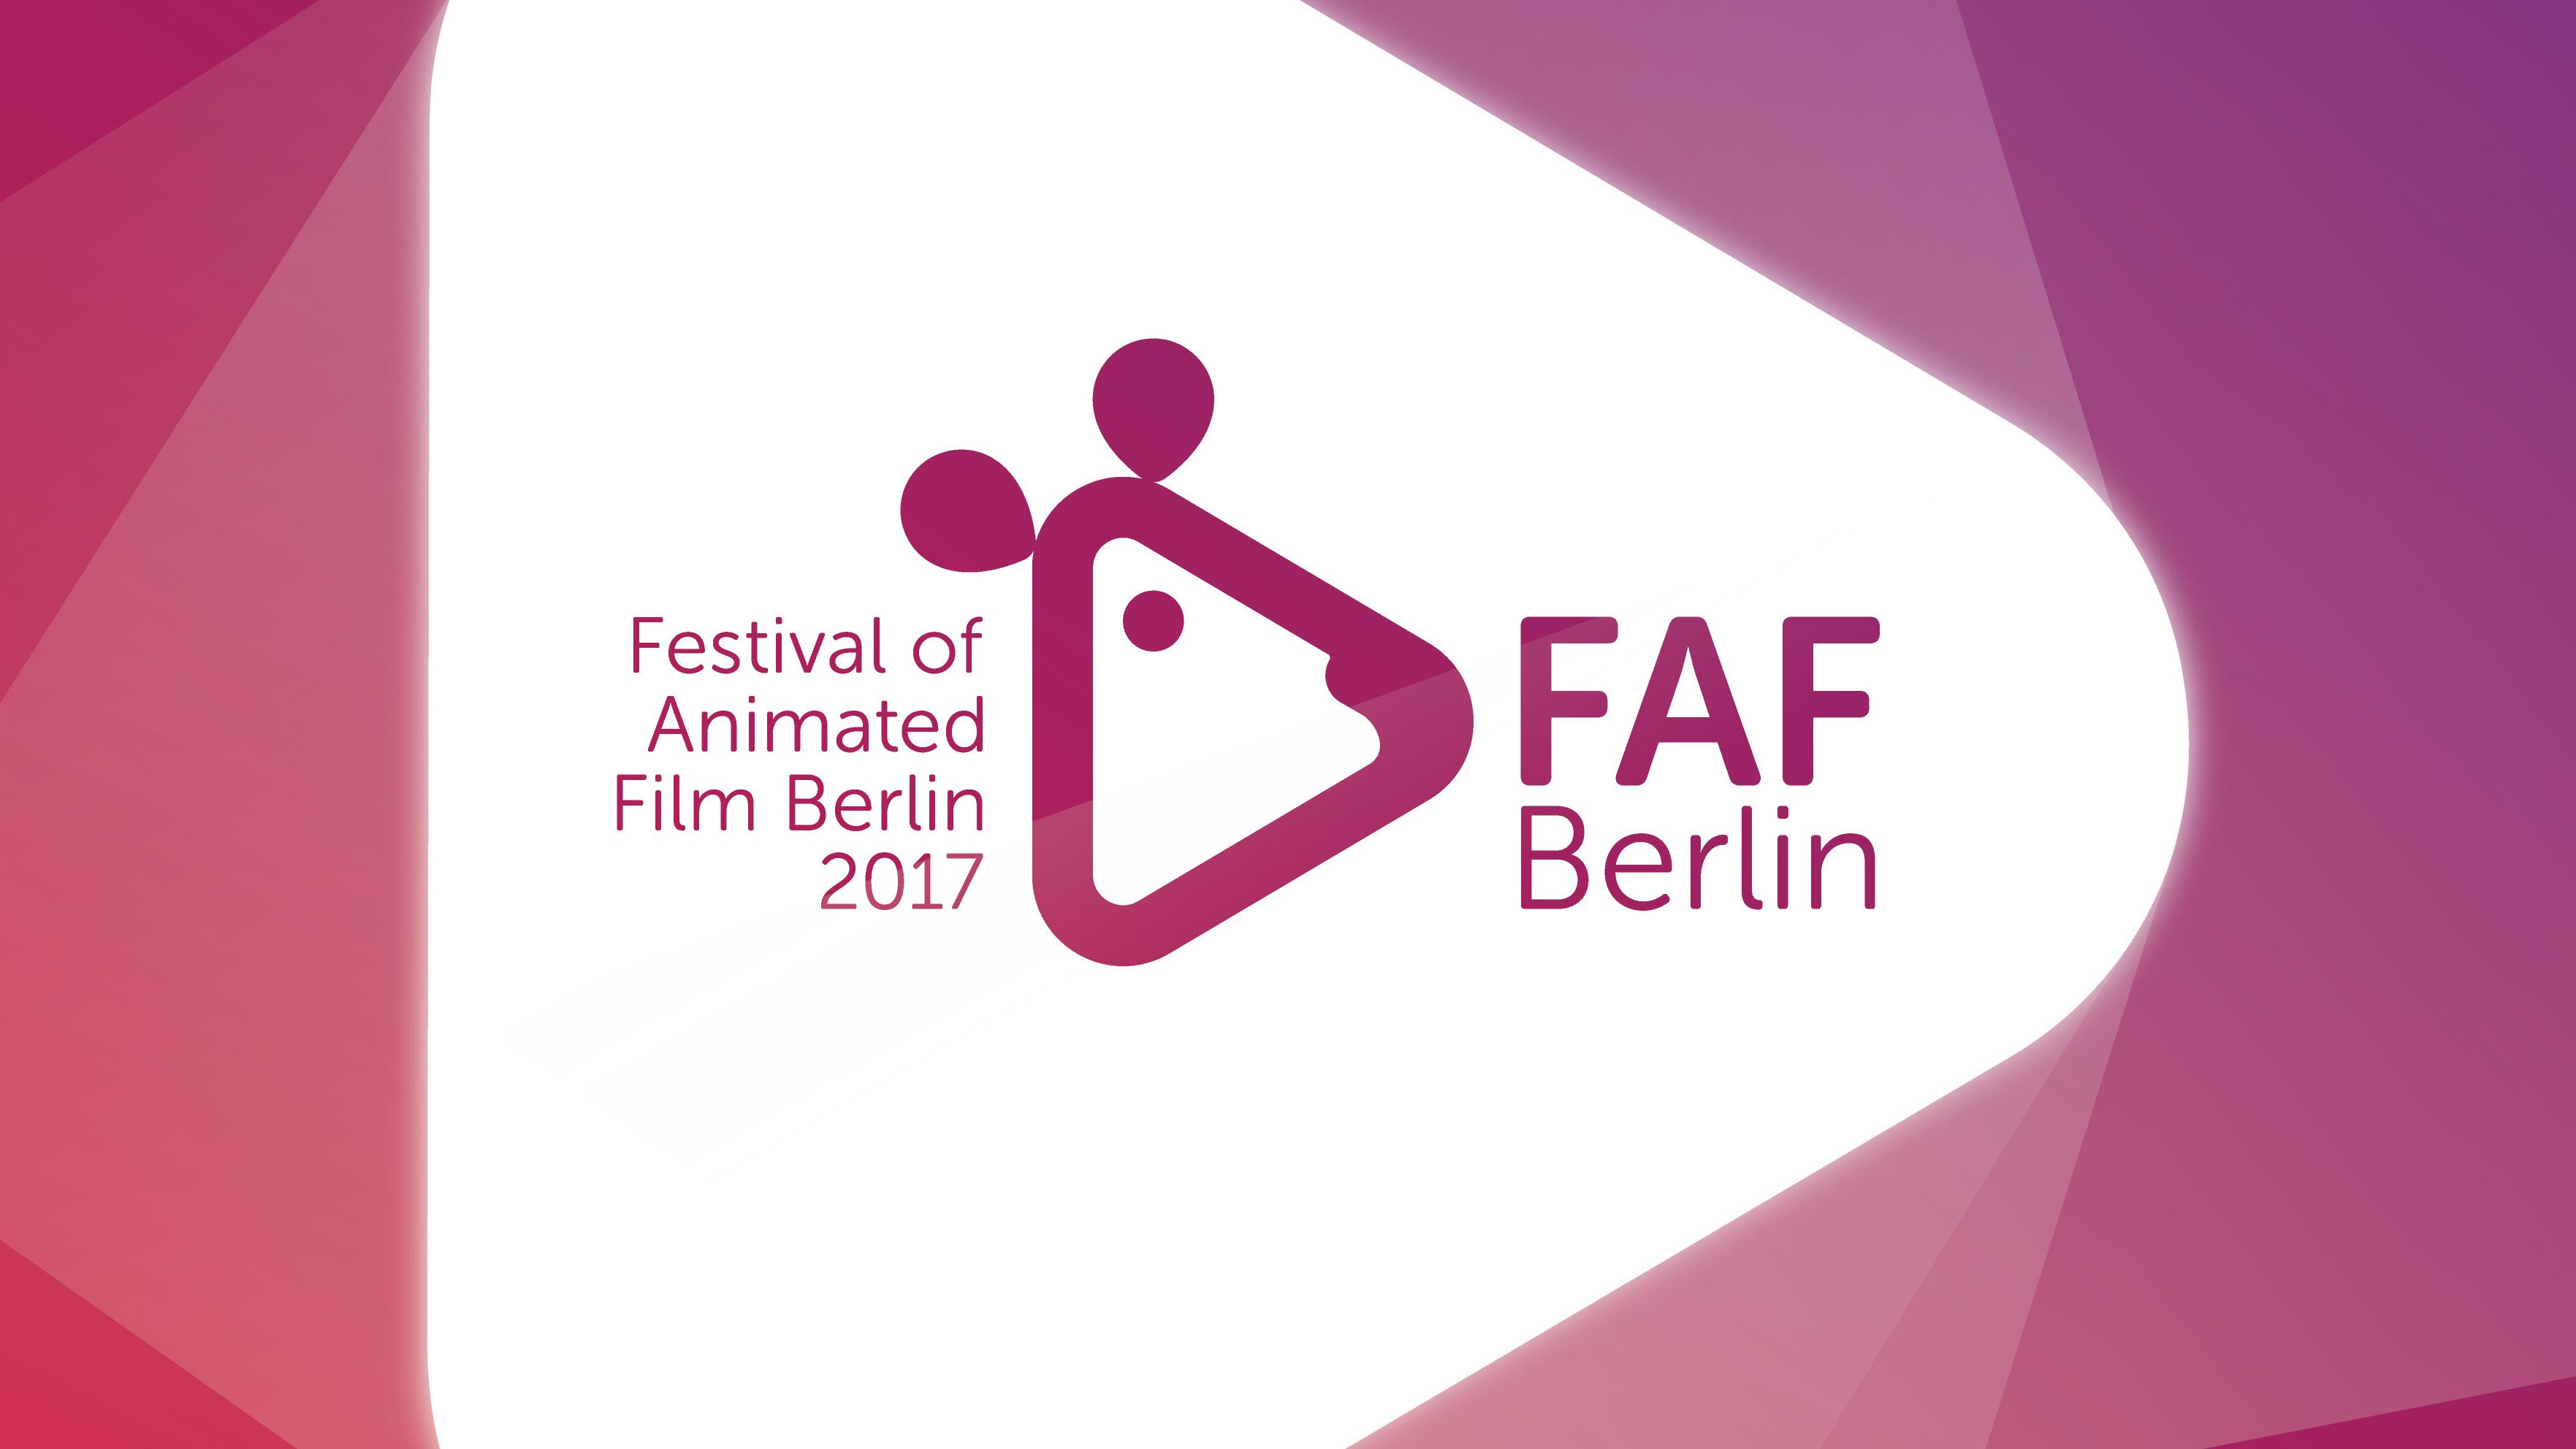 Faf Berlin Programm